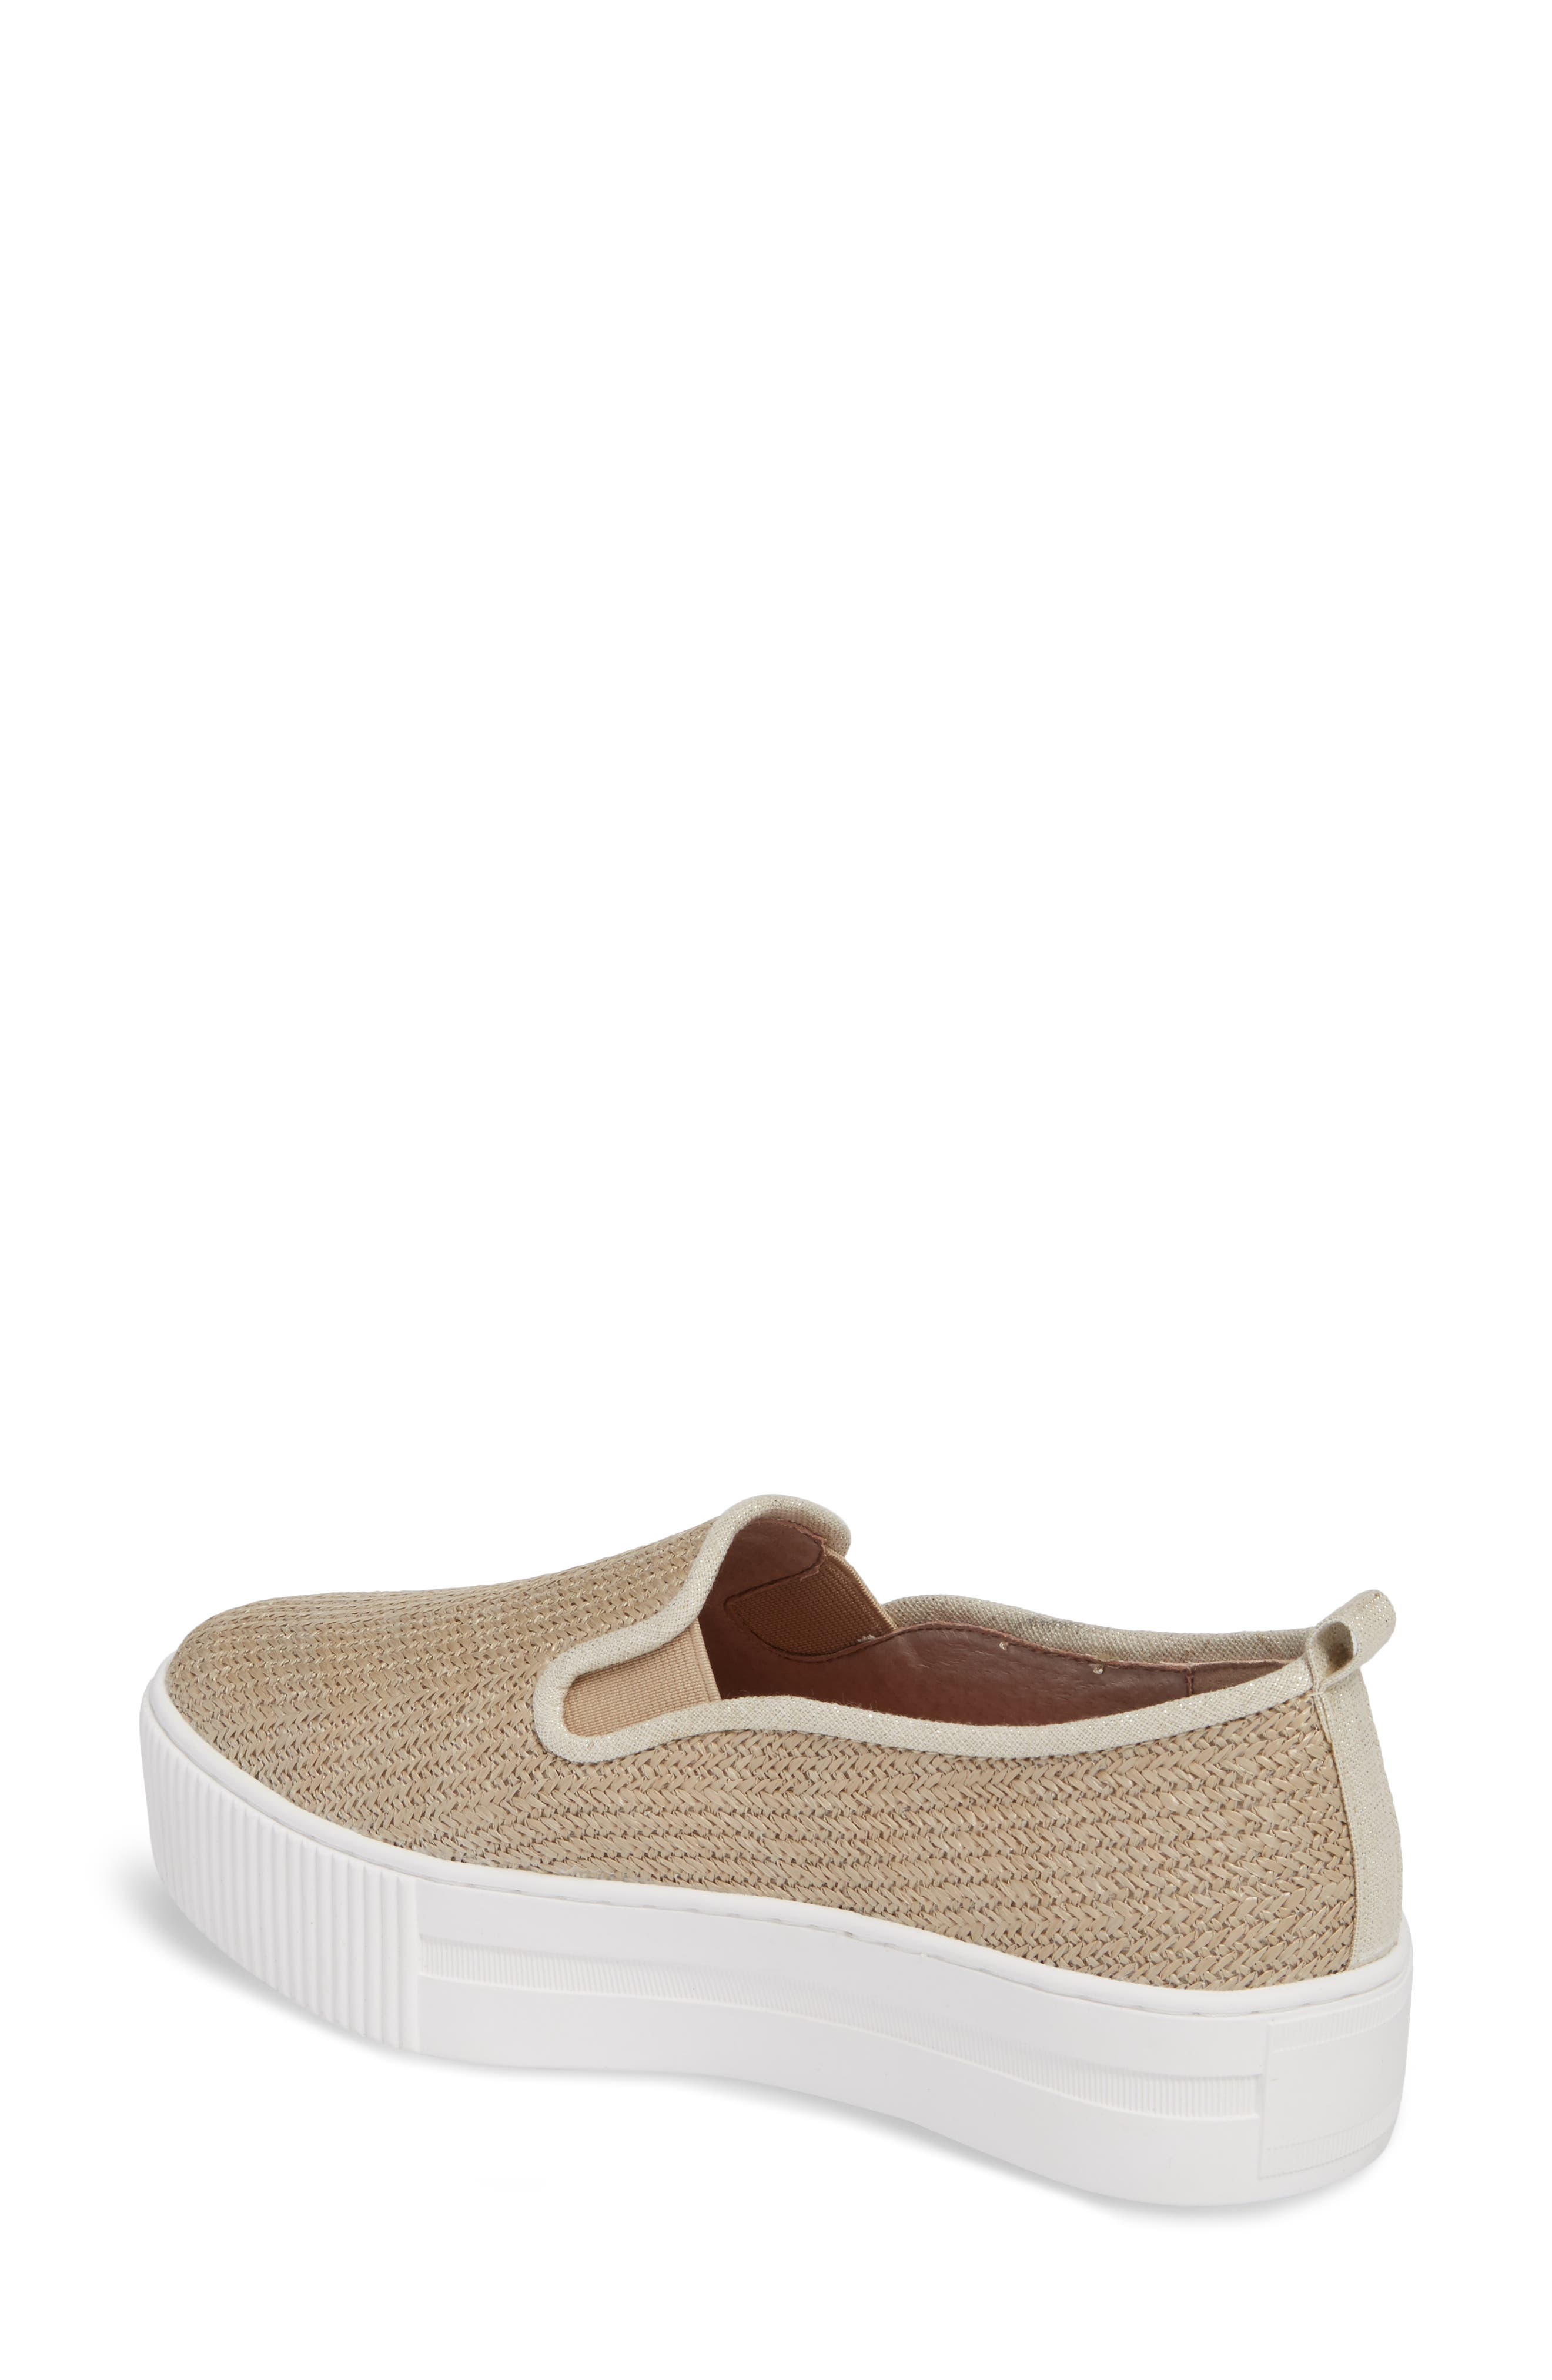 Baylee Platform Slip-On Sneaker,                             Alternate thumbnail 2, color,                             Natural Raffia